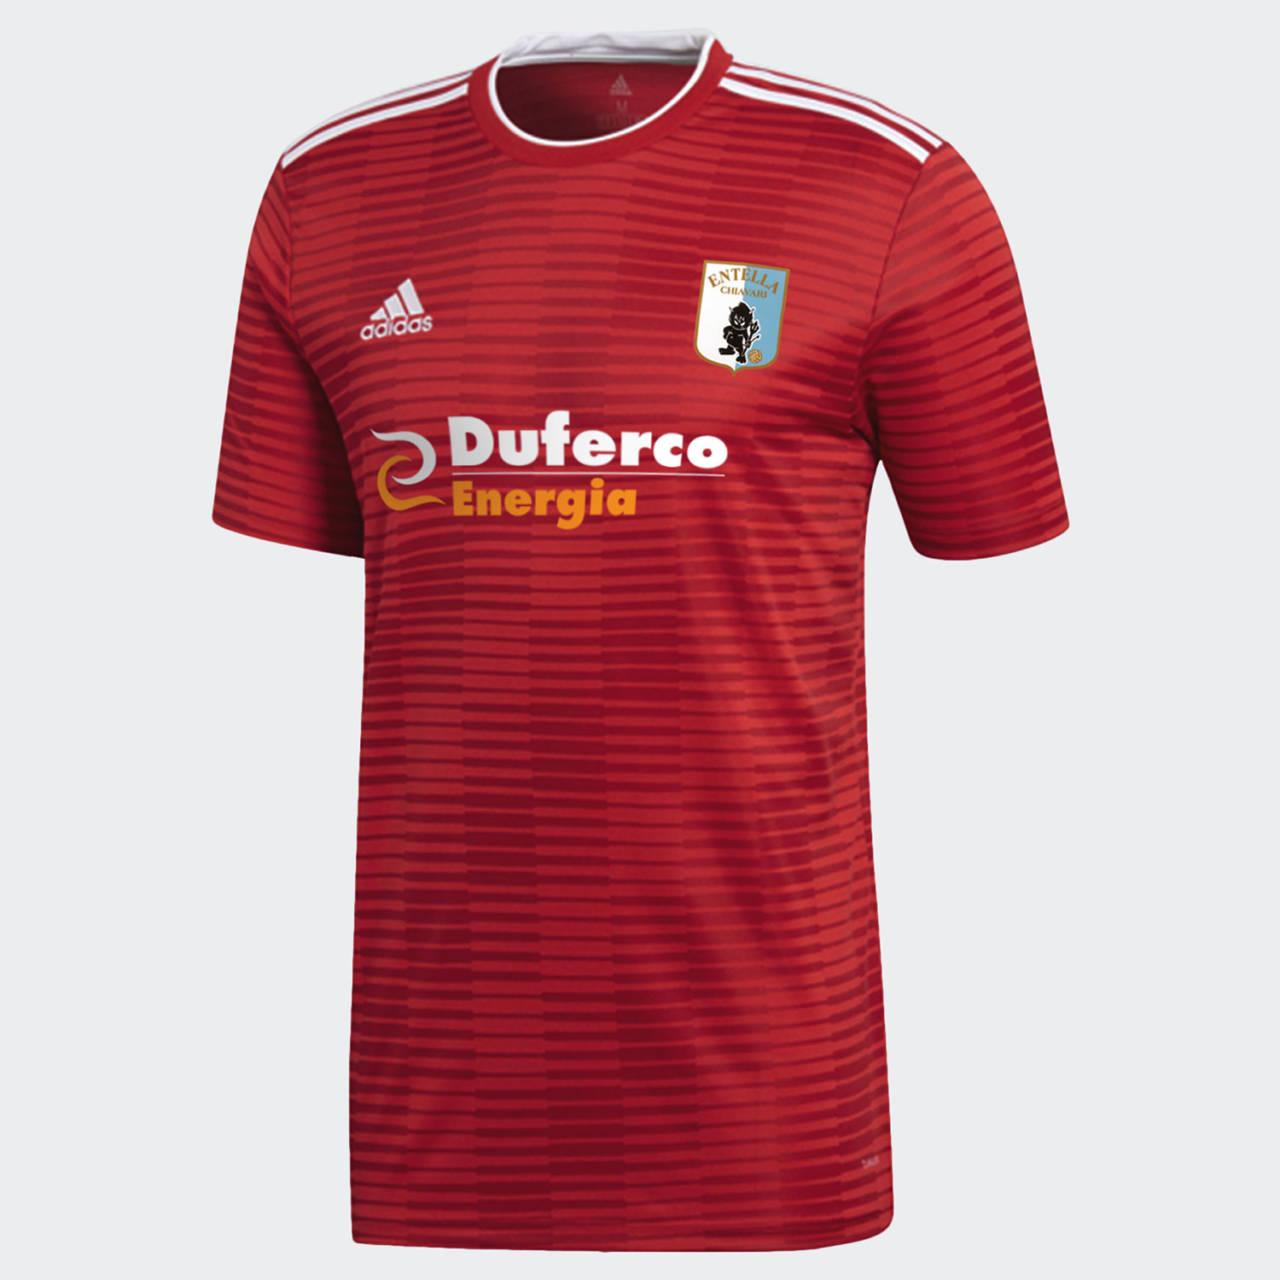 MAGLIA ufficiale Serie B stag. 201920 Adidas rossa (terza divisa) | Virtus Entella Store